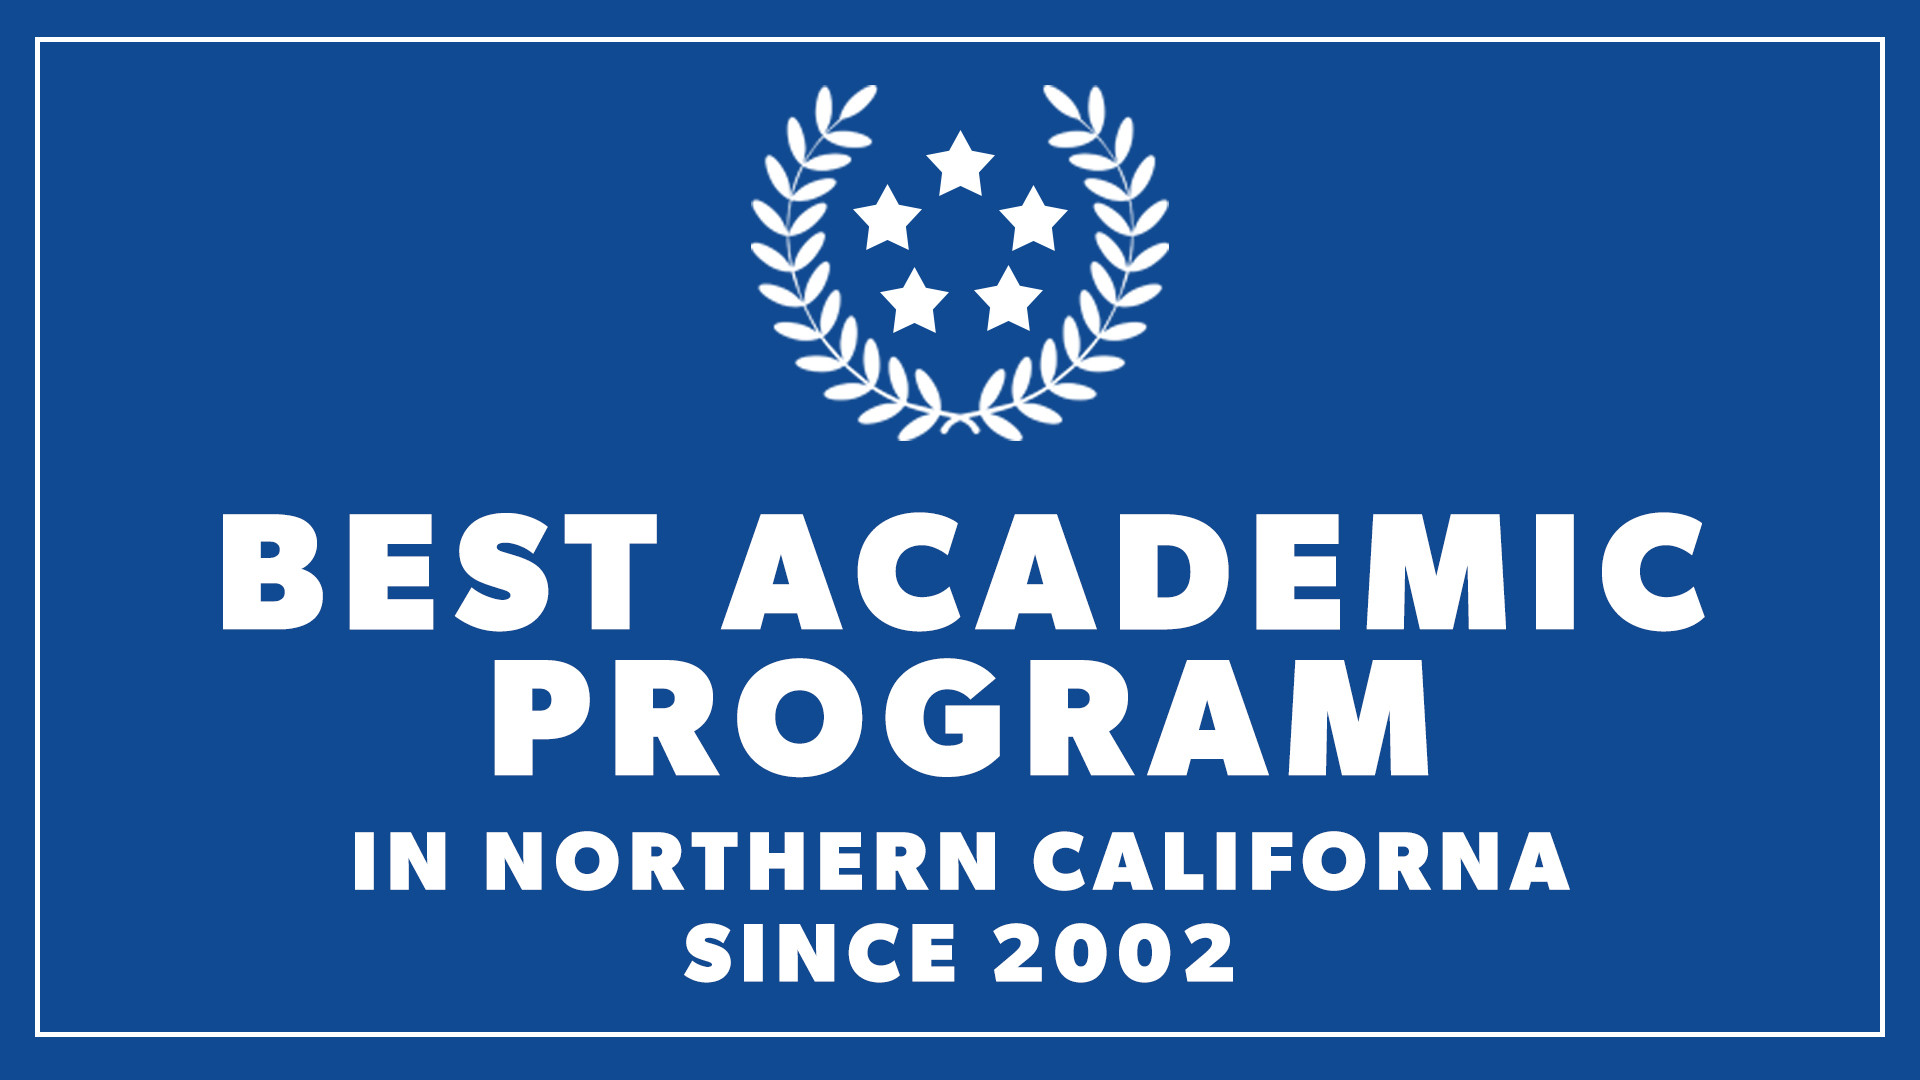 Best Academic Program